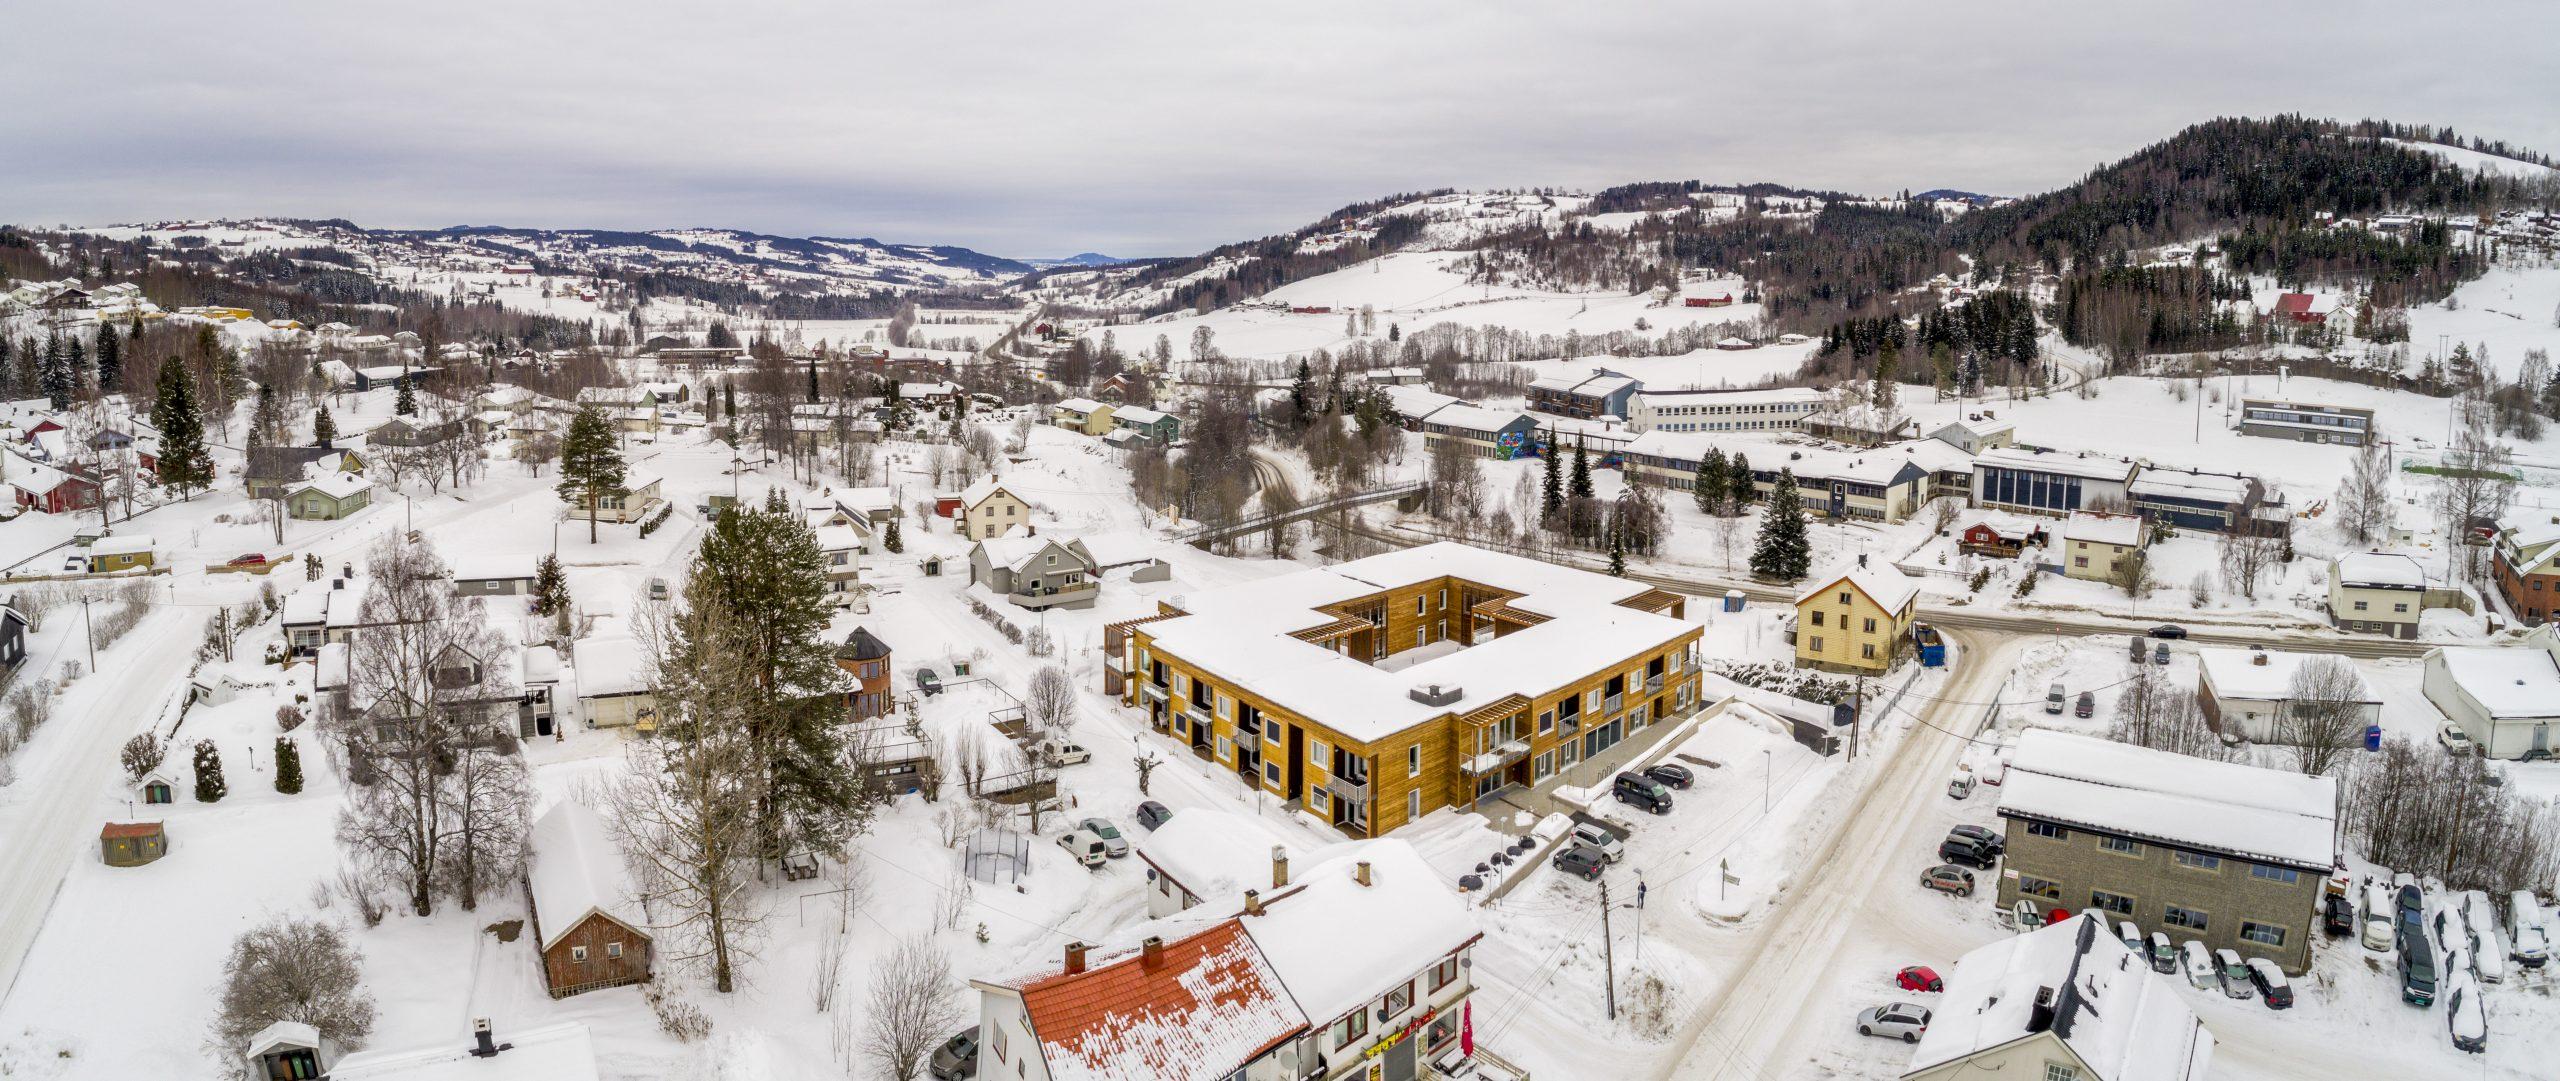 Dronefoto av et kvadratisk bygg med trefasade